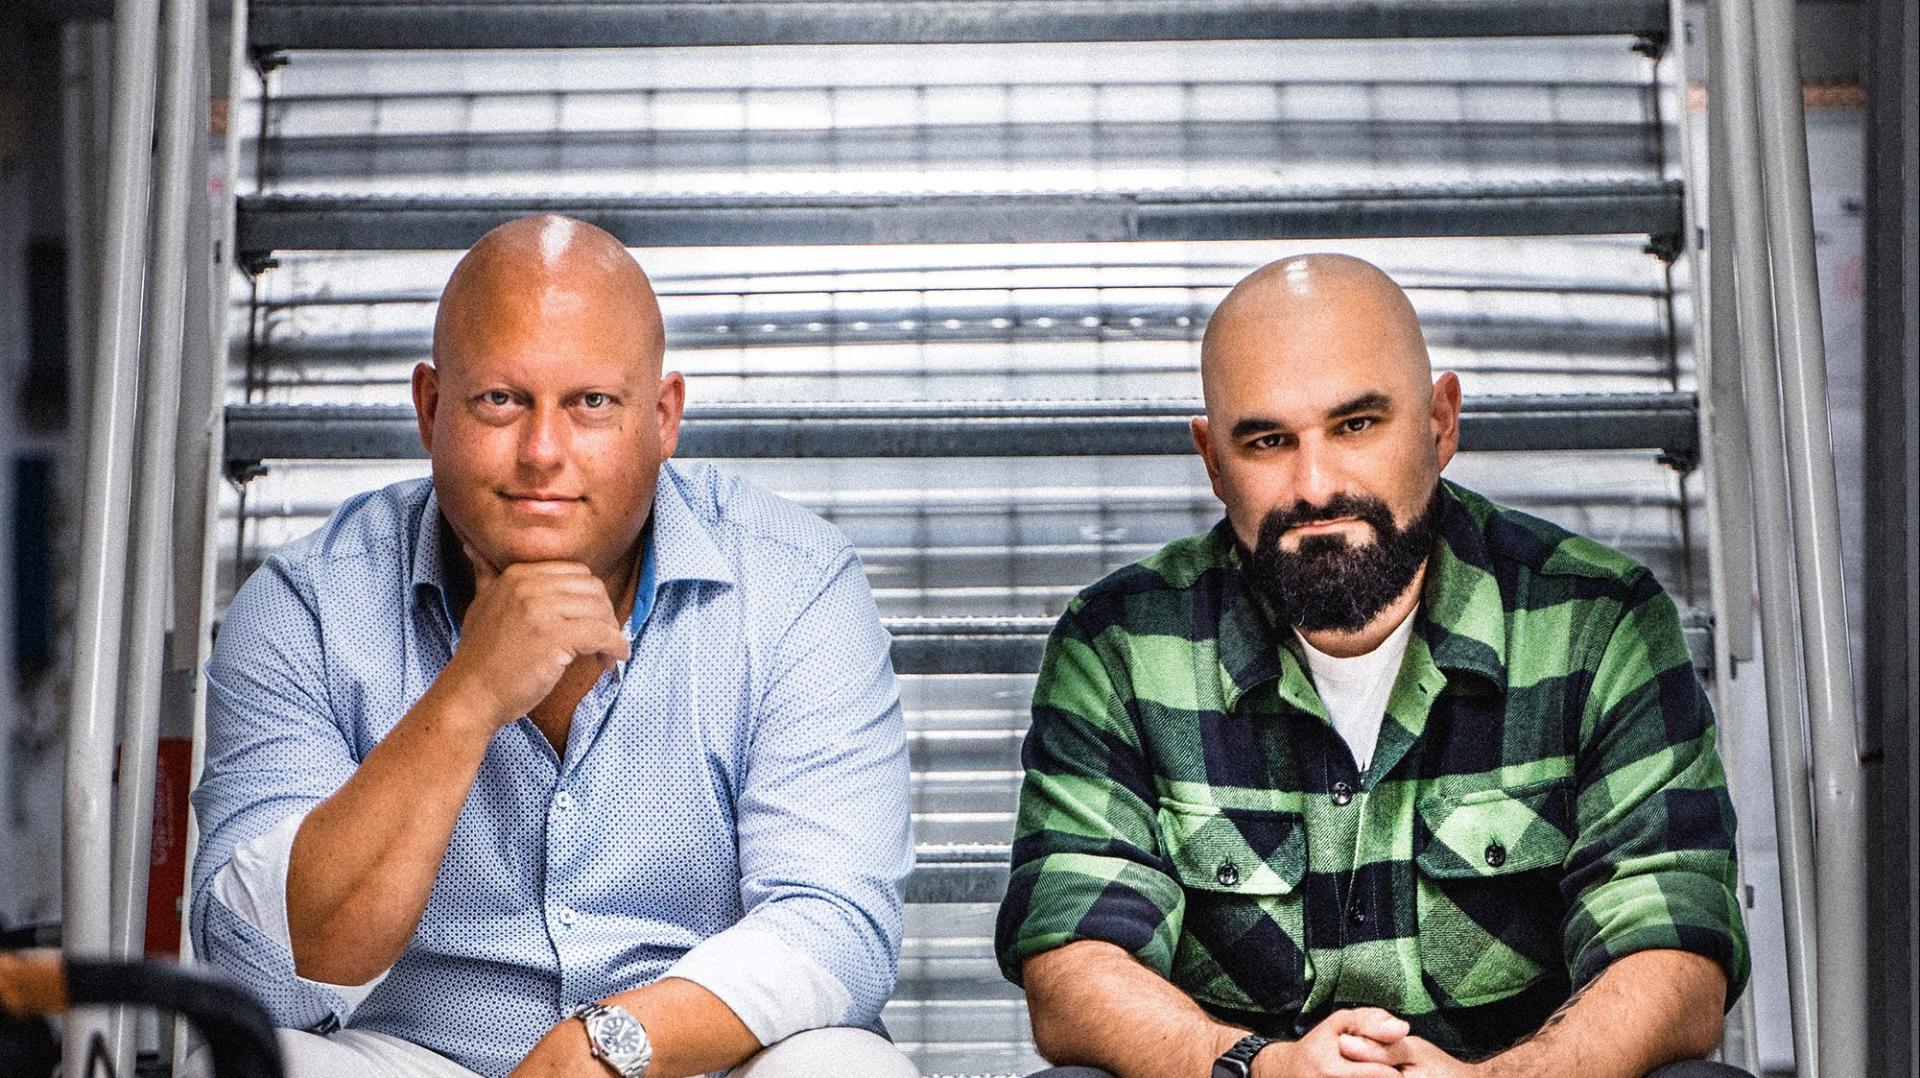 Sasha Selipanov is nu hoofdontwerper bij Koenigsegg - TopGear